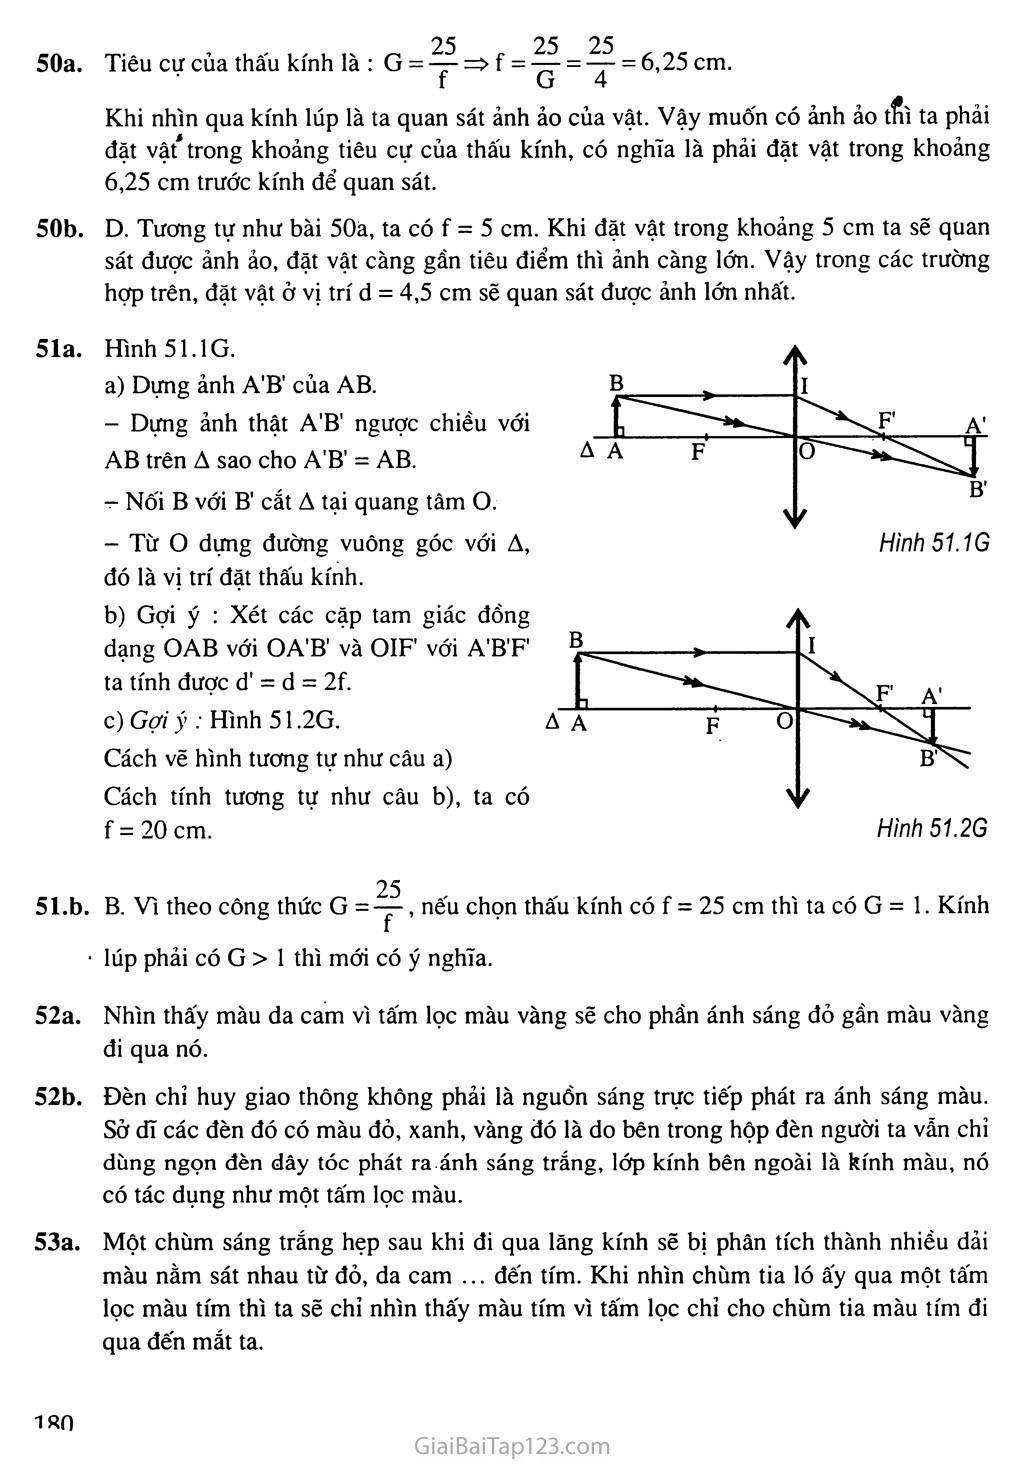 Hướng dẫn giải các bài tập bổ sung trang 16